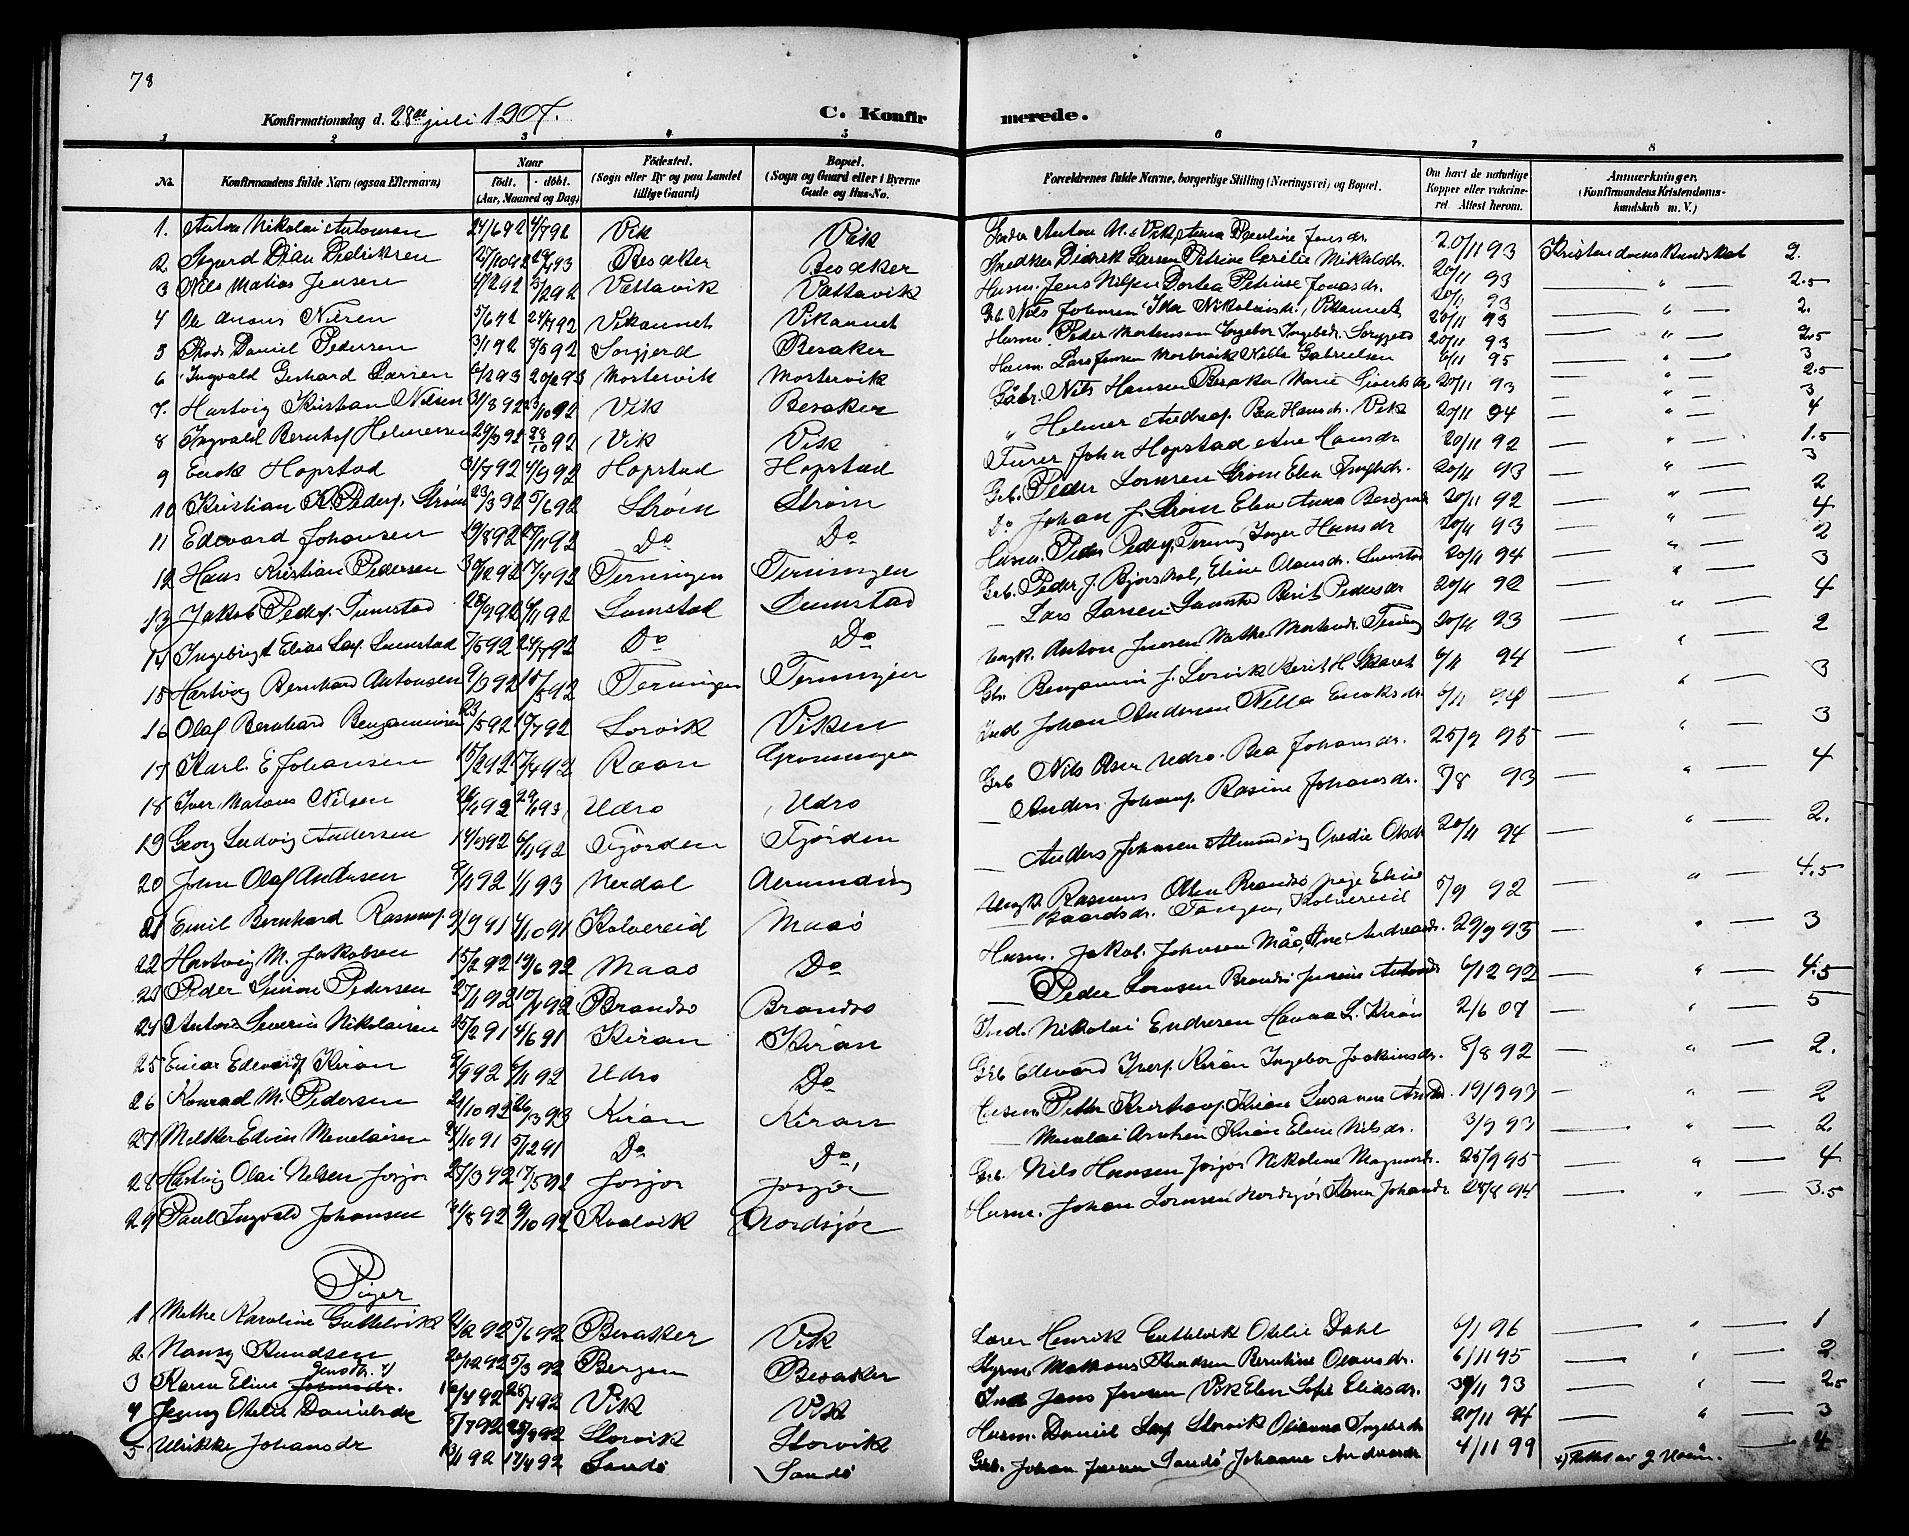 SAT, Ministerialprotokoller, klokkerbøker og fødselsregistre - Sør-Trøndelag, 657/L0717: Klokkerbok nr. 657C04, 1904-1923, s. 78